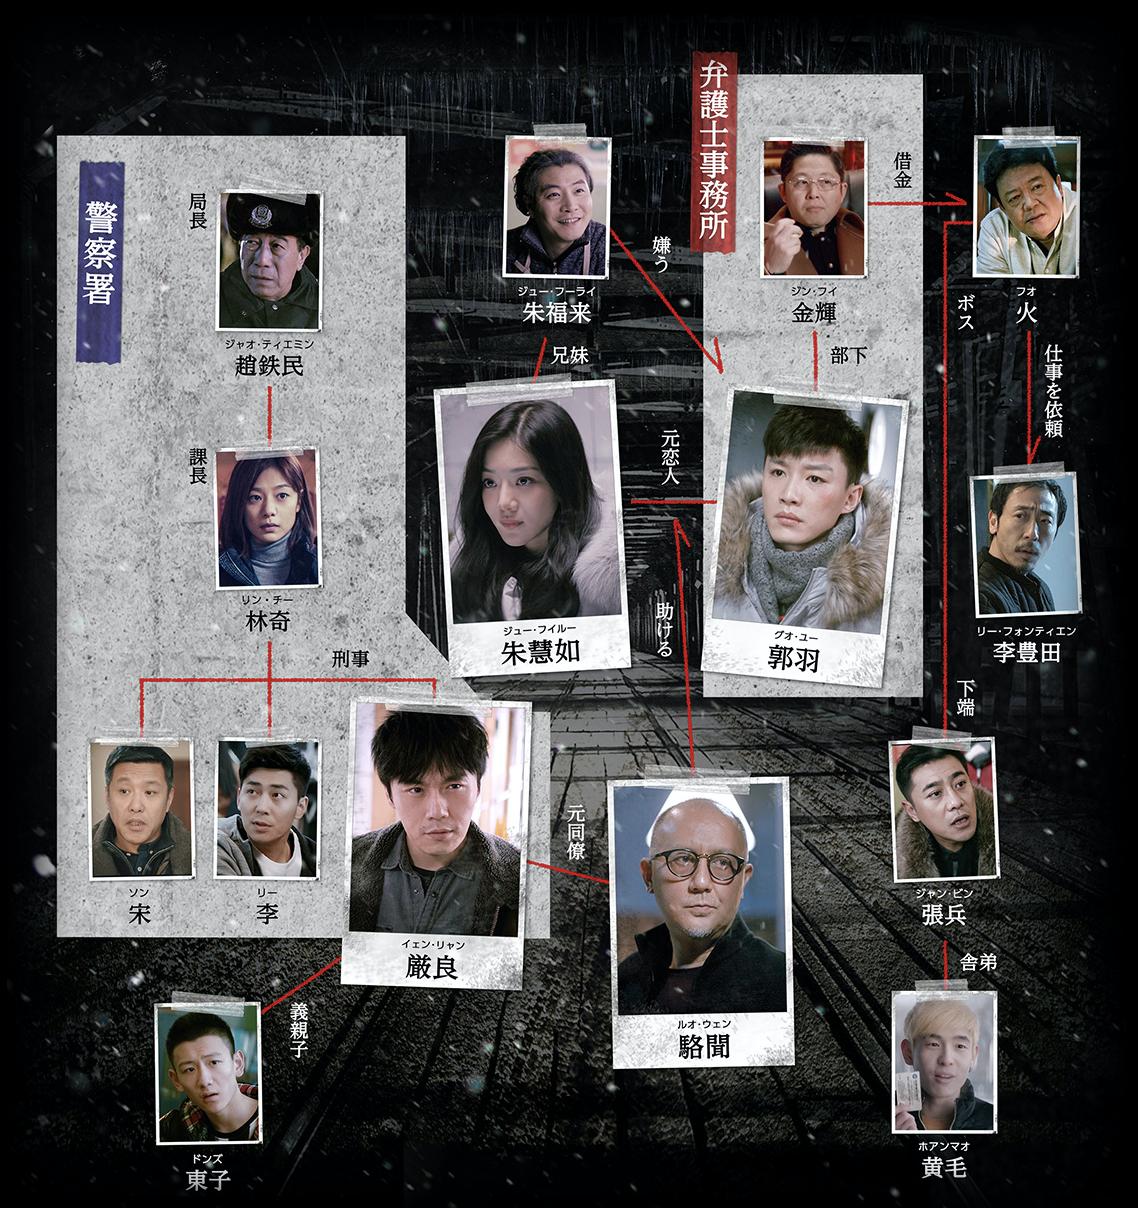 中国ドラマ【Burning Ice<バーニング・アイス>-無証之罪-】の人物相関図